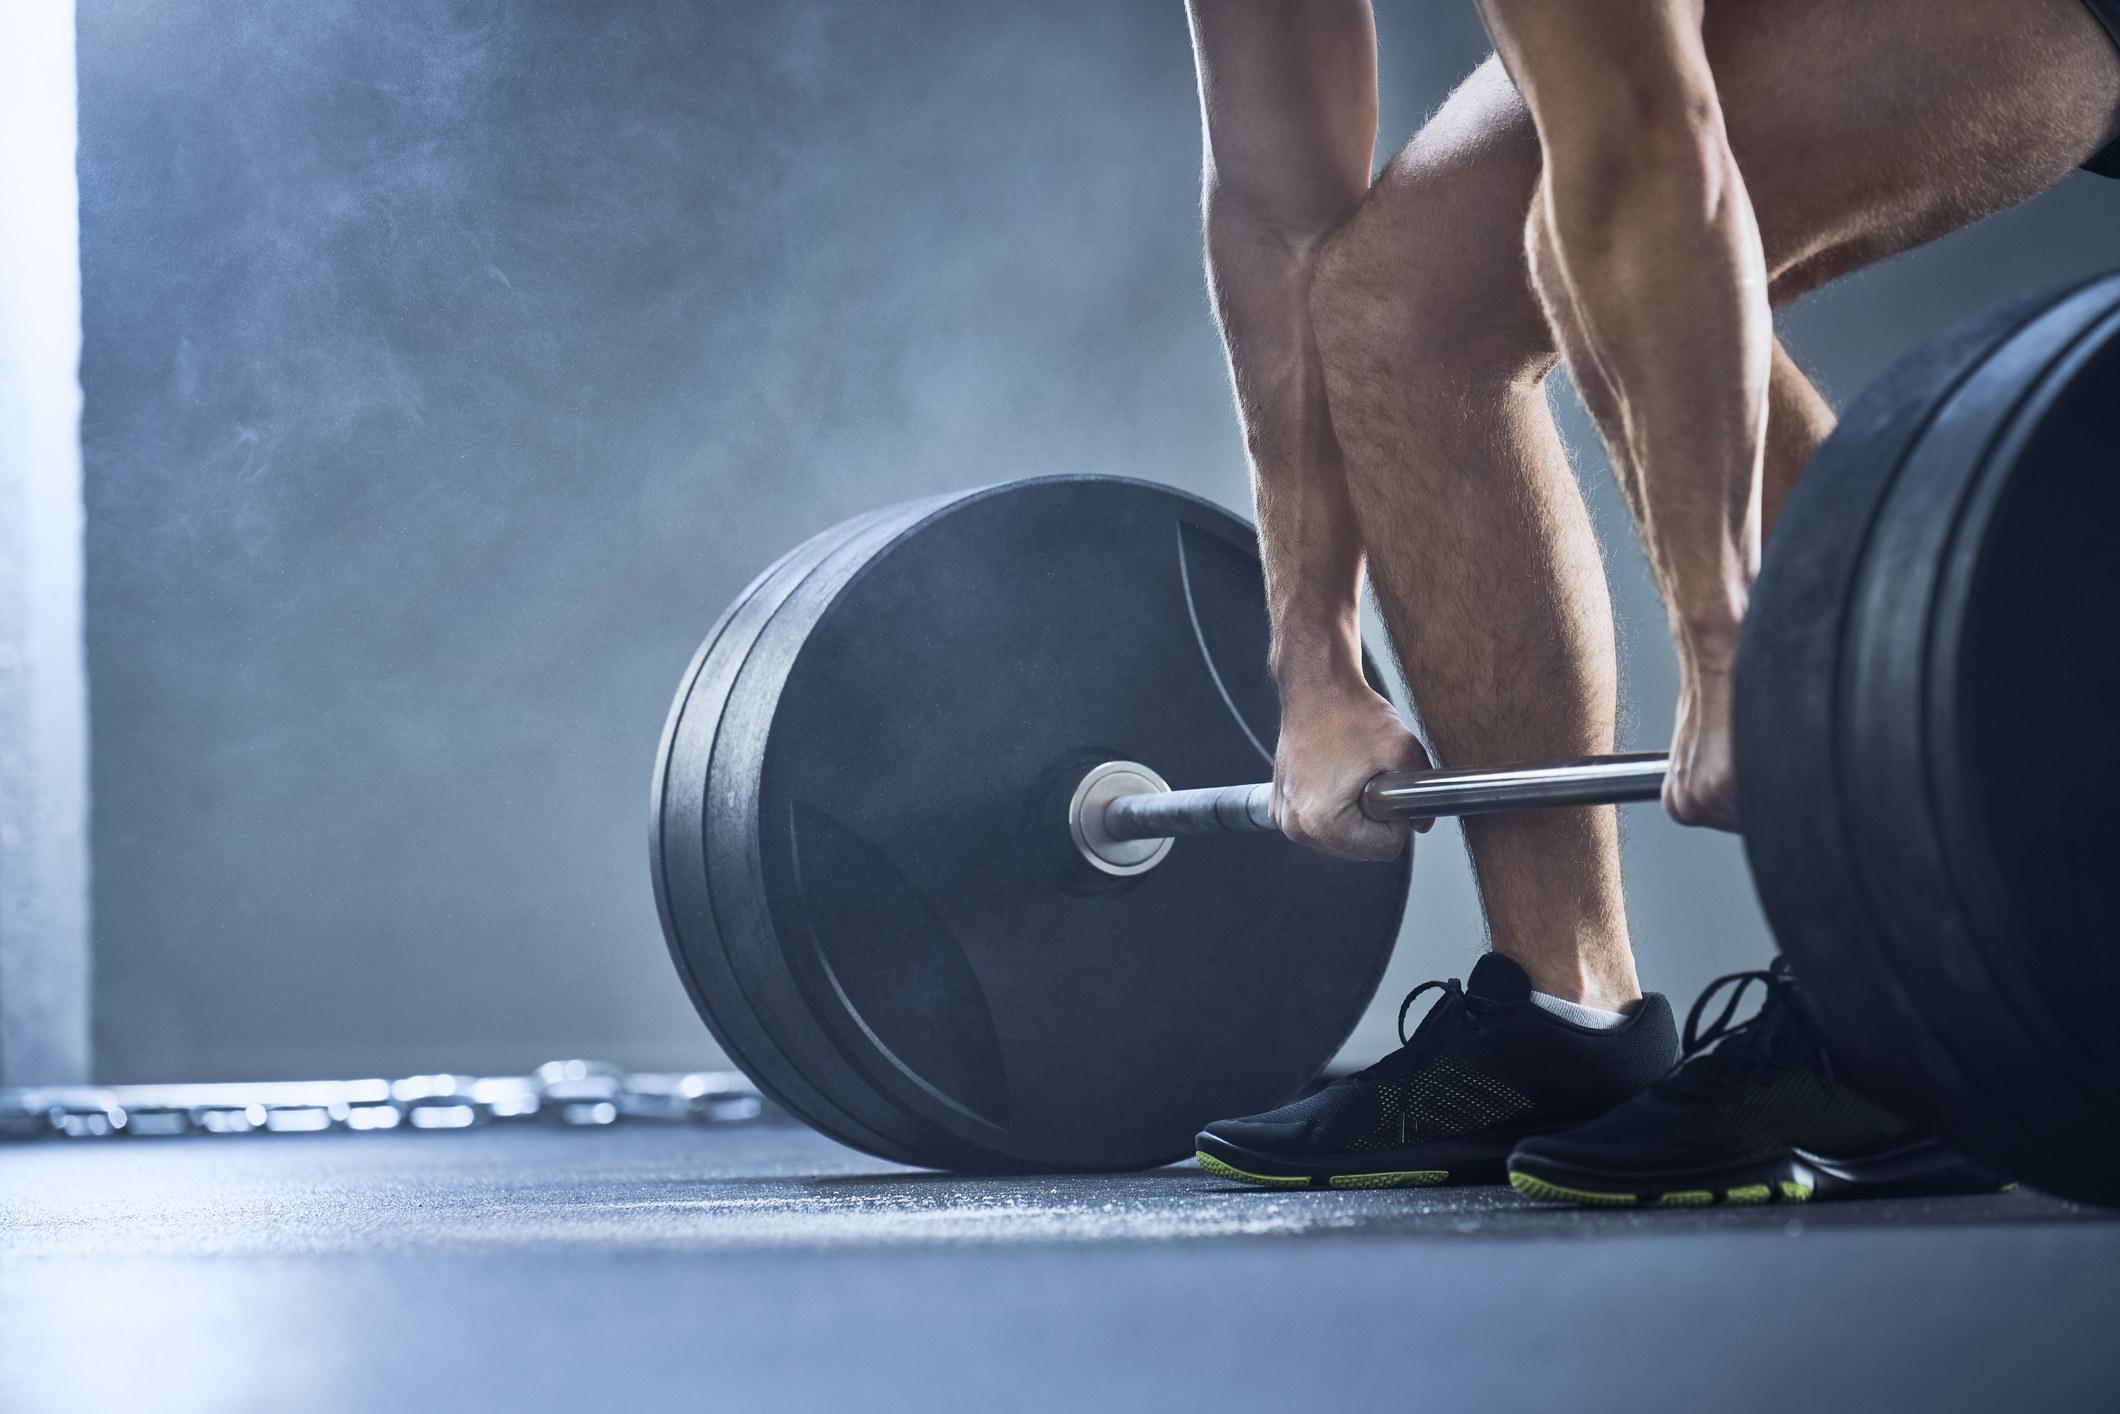 """杠铃和重物在地板上的落地镜头,显示一名男子';他的腿和胳膊,因为他俯身拿起它""""class="""